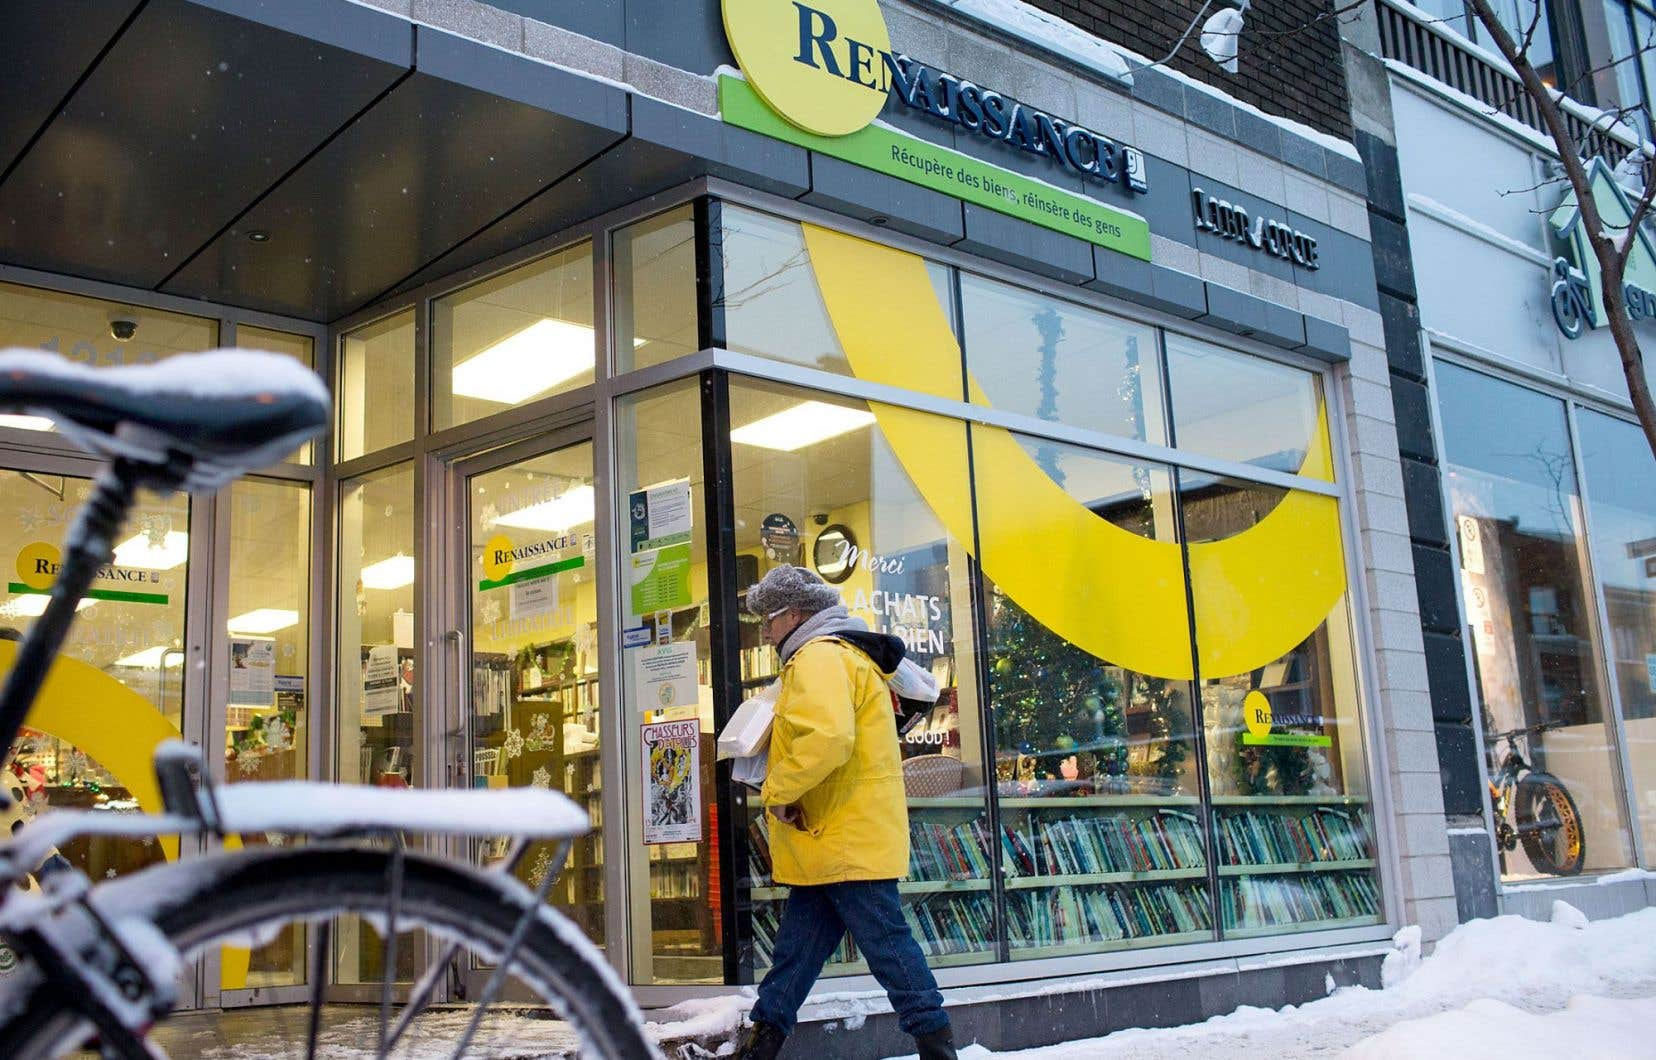 Sur les huit librairies ouvertes ces dernières années par Renaissance, seule celle de l'avenue du Mont-Royal serait rentable, confie le directeur et fondateur, Pierre Legault.